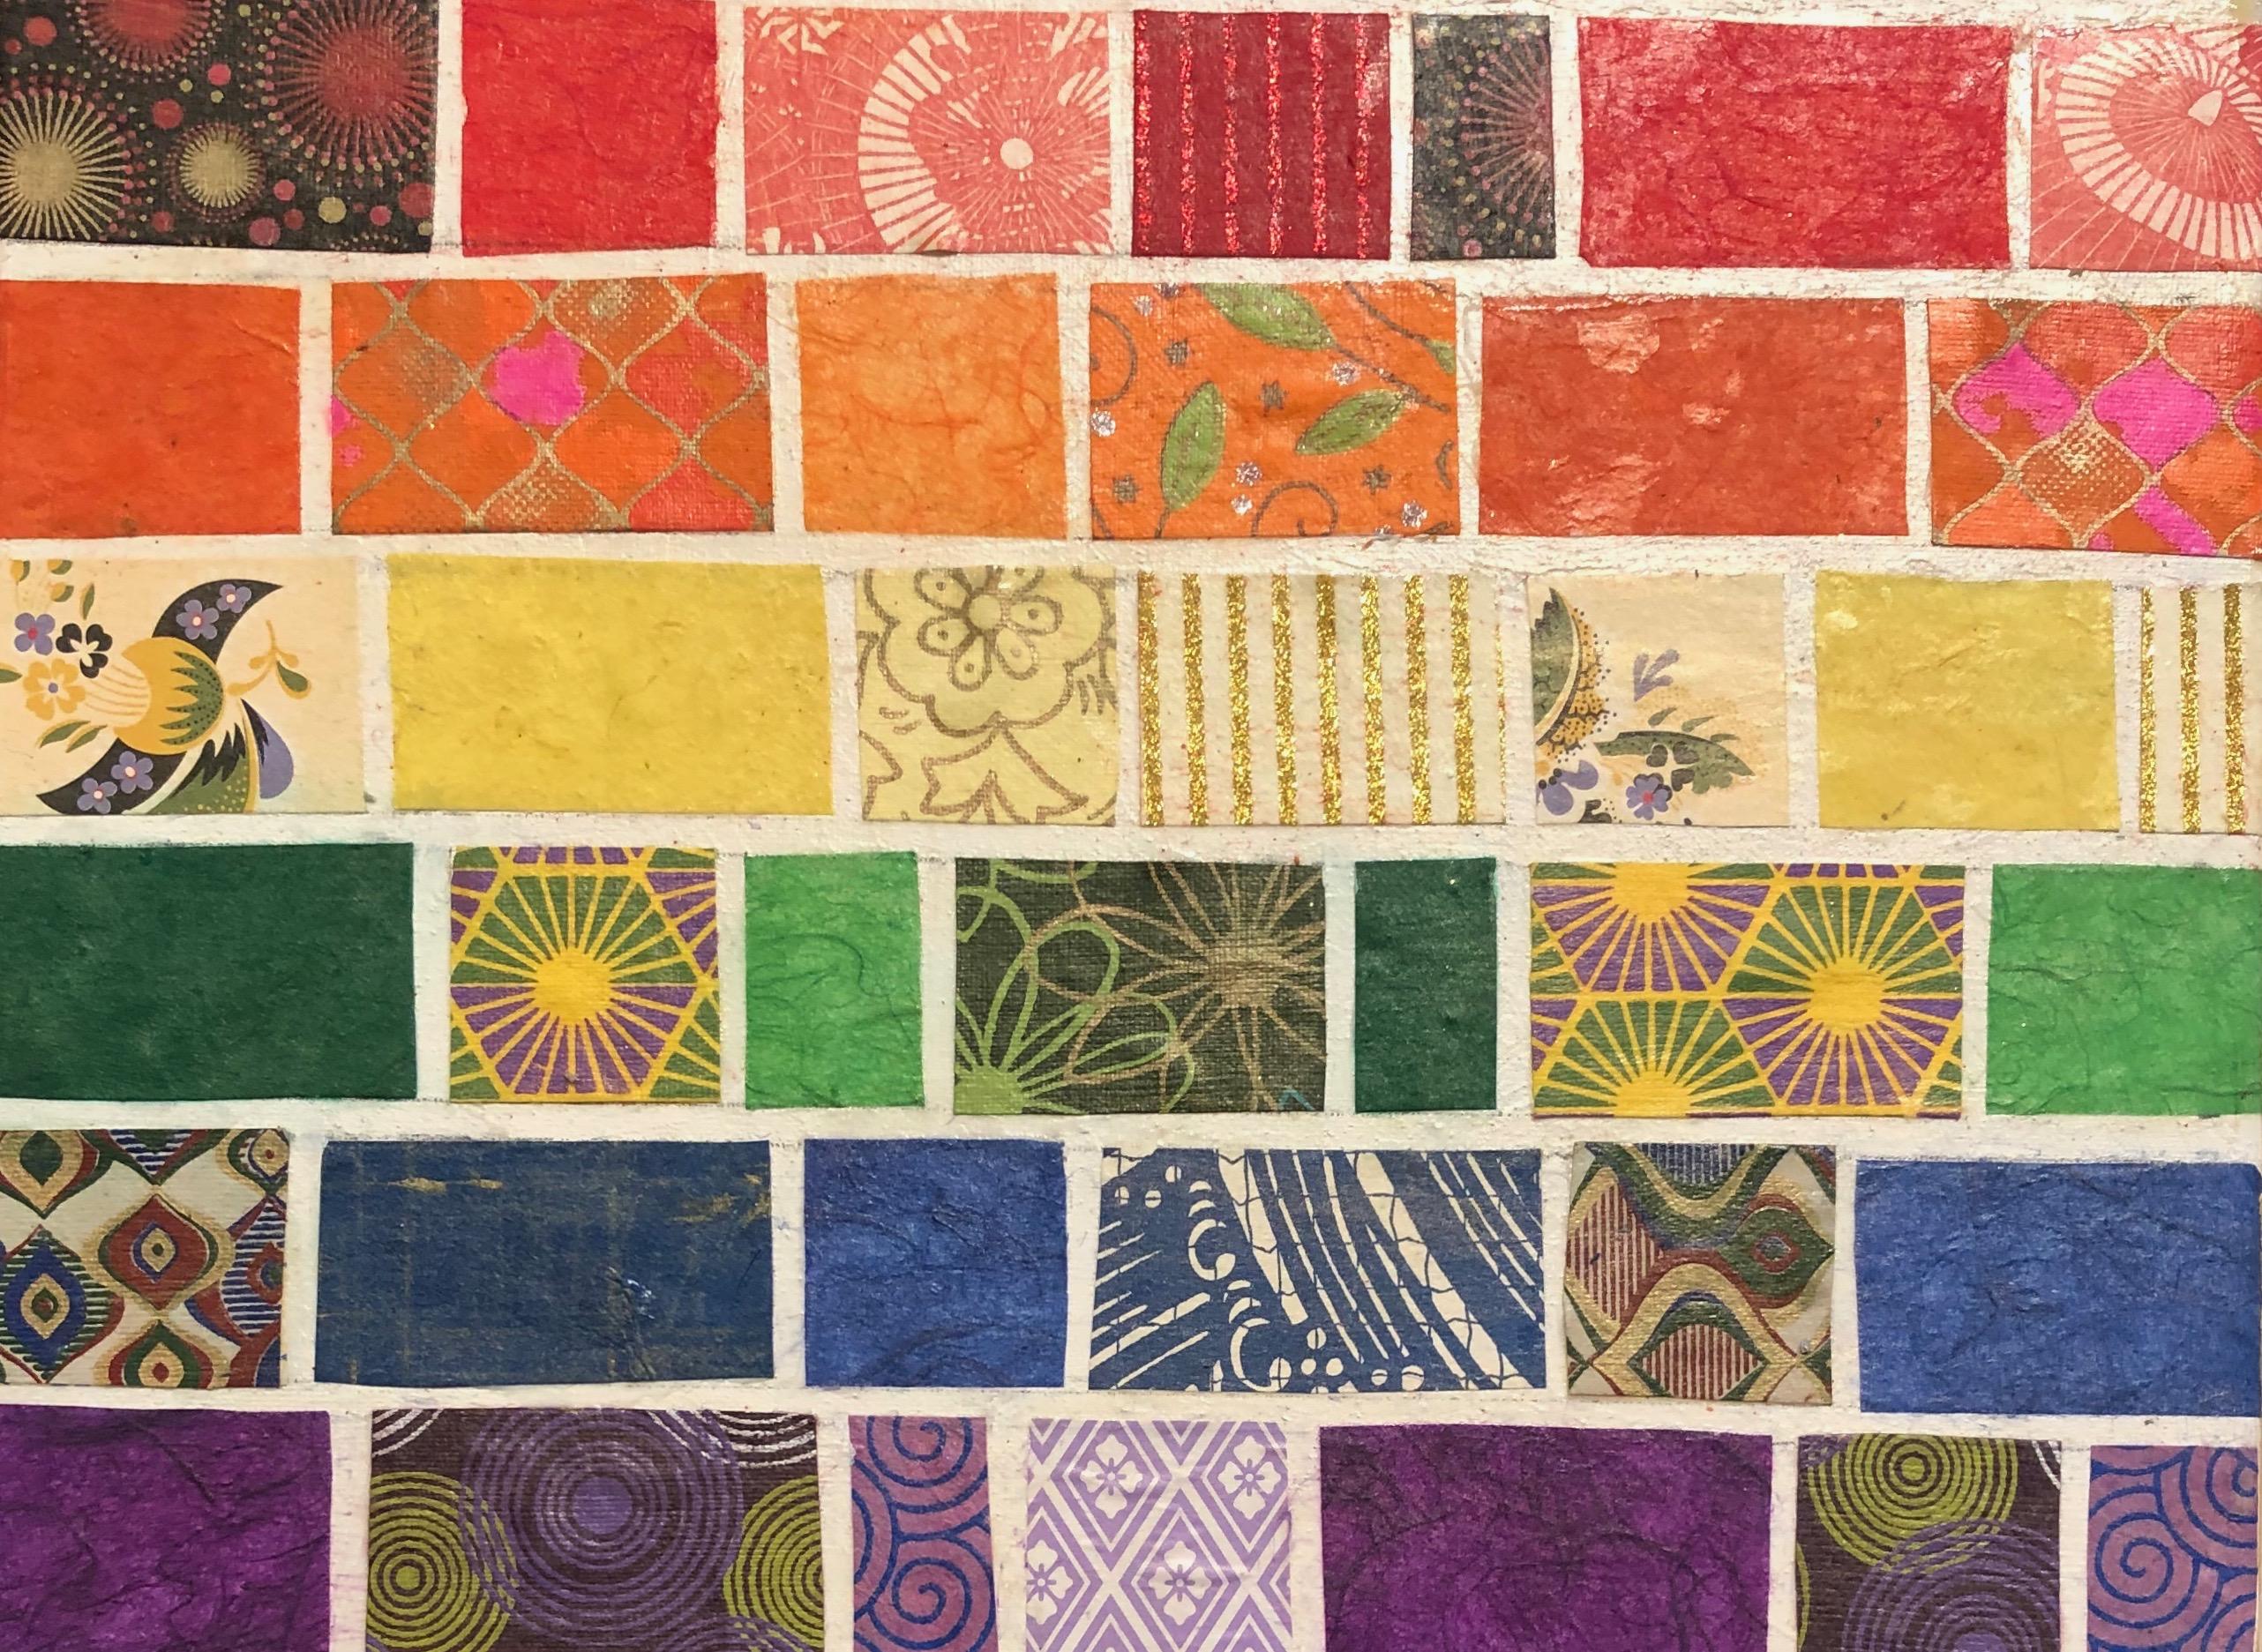 rainbow flag, mosaic-style